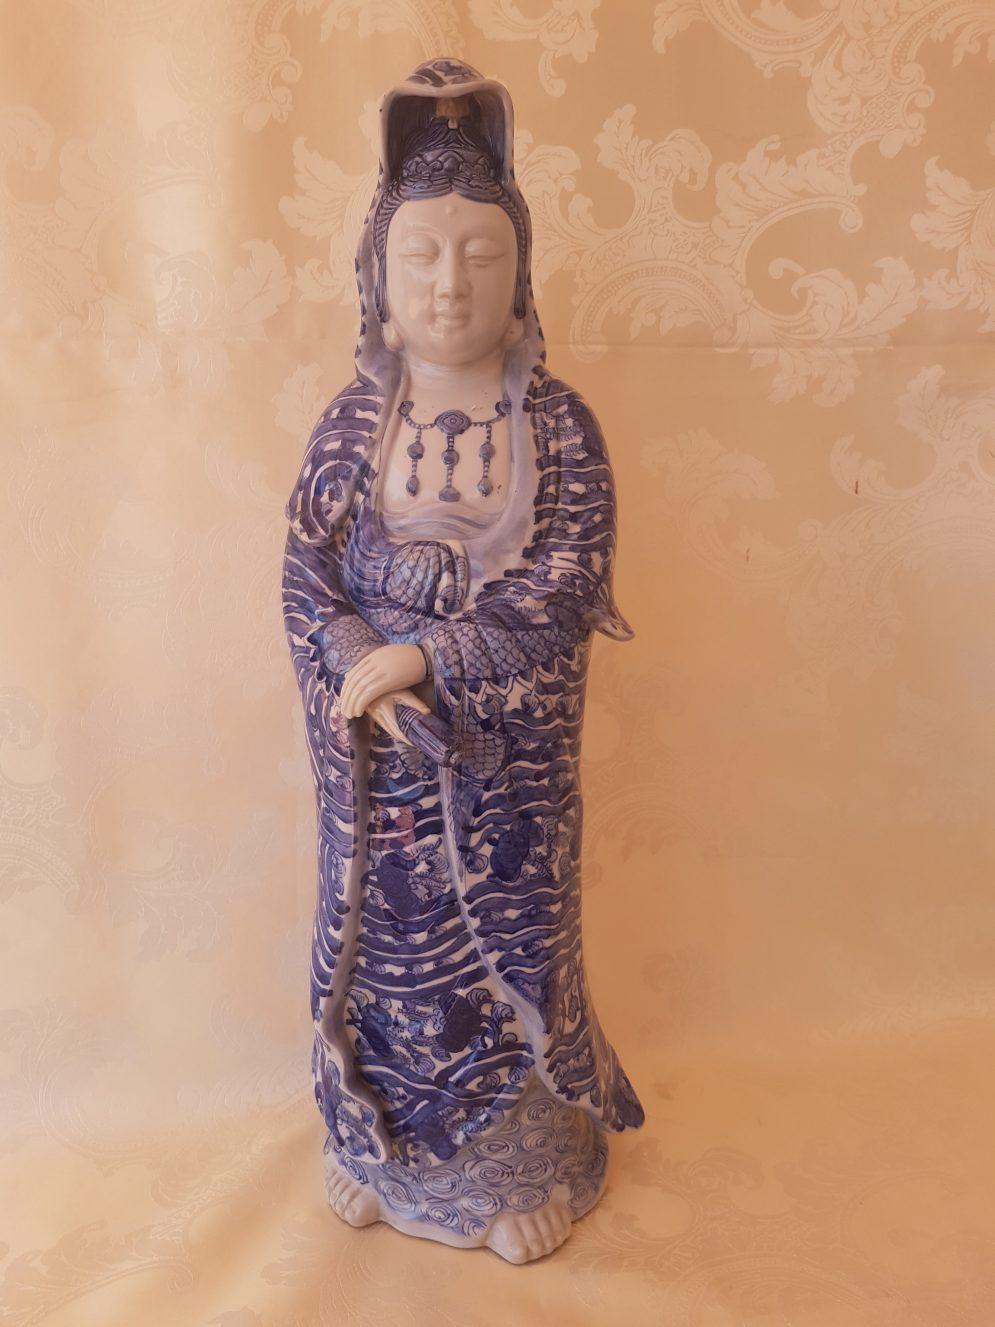 Japanese porcelain statue Guan Yin